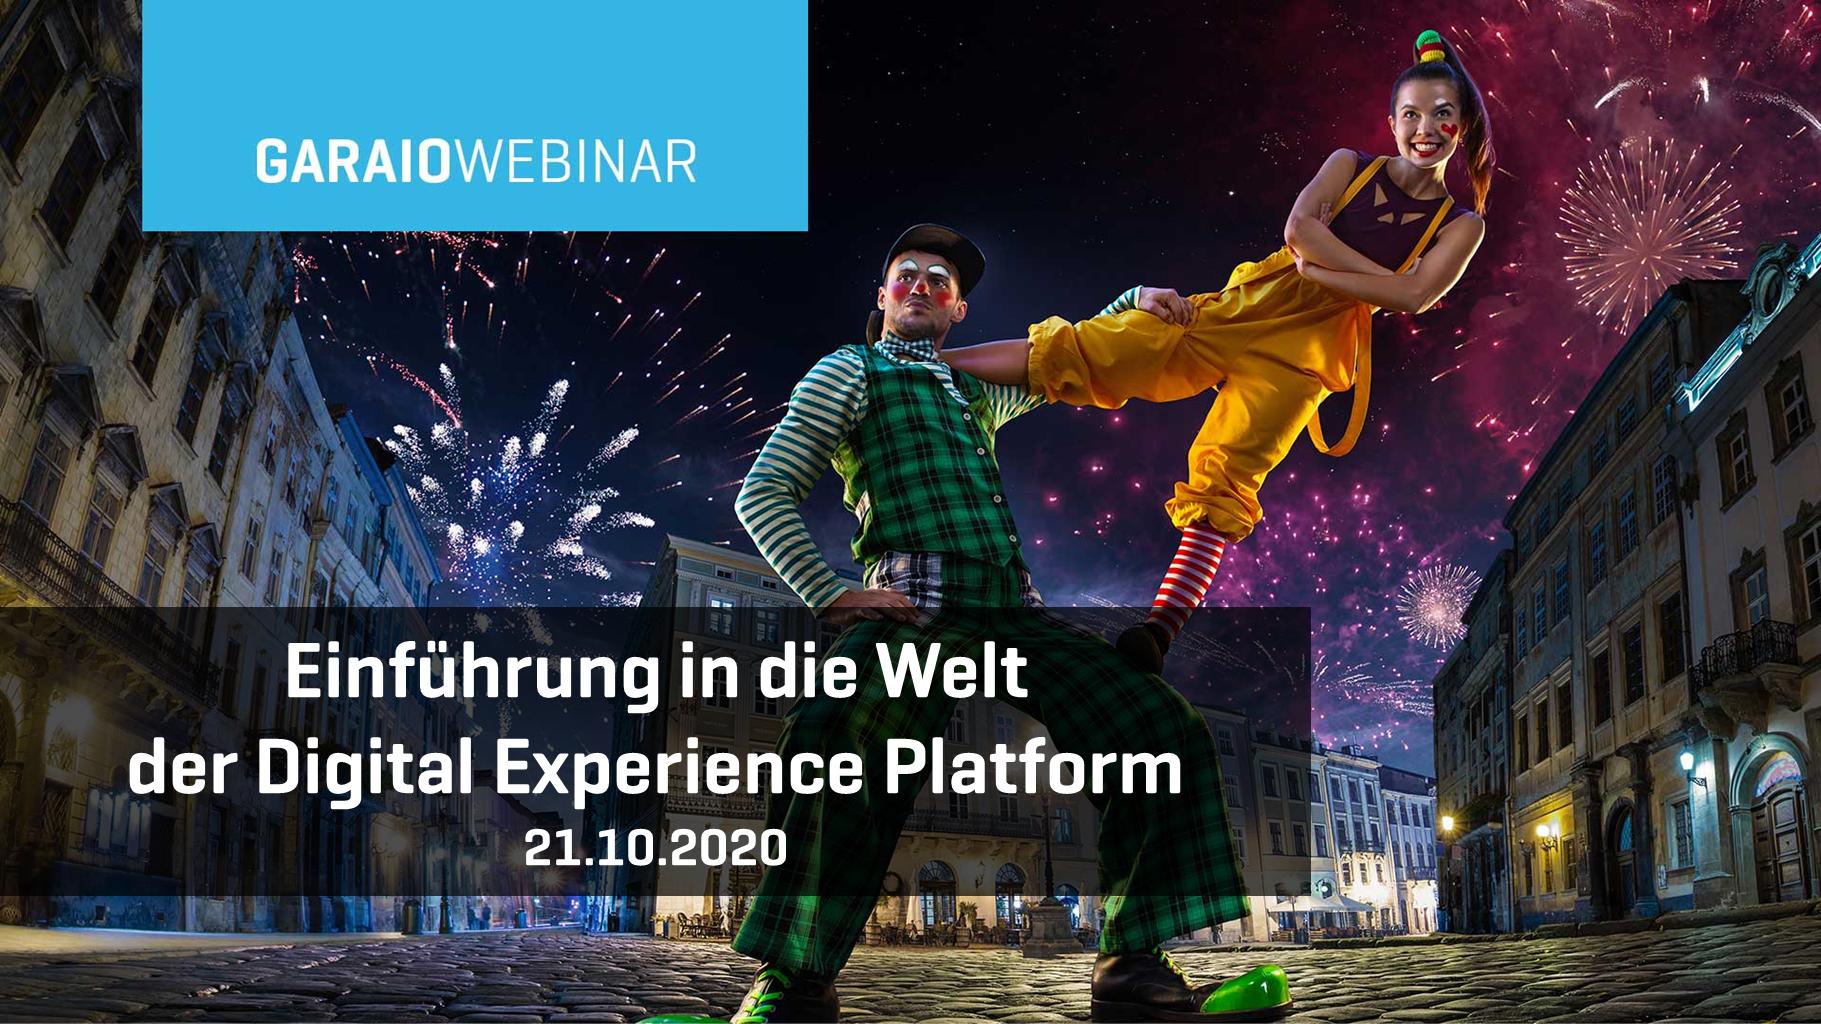 GARAIO Webinar - Einführung in die Welt der Digital Experience Platform V1